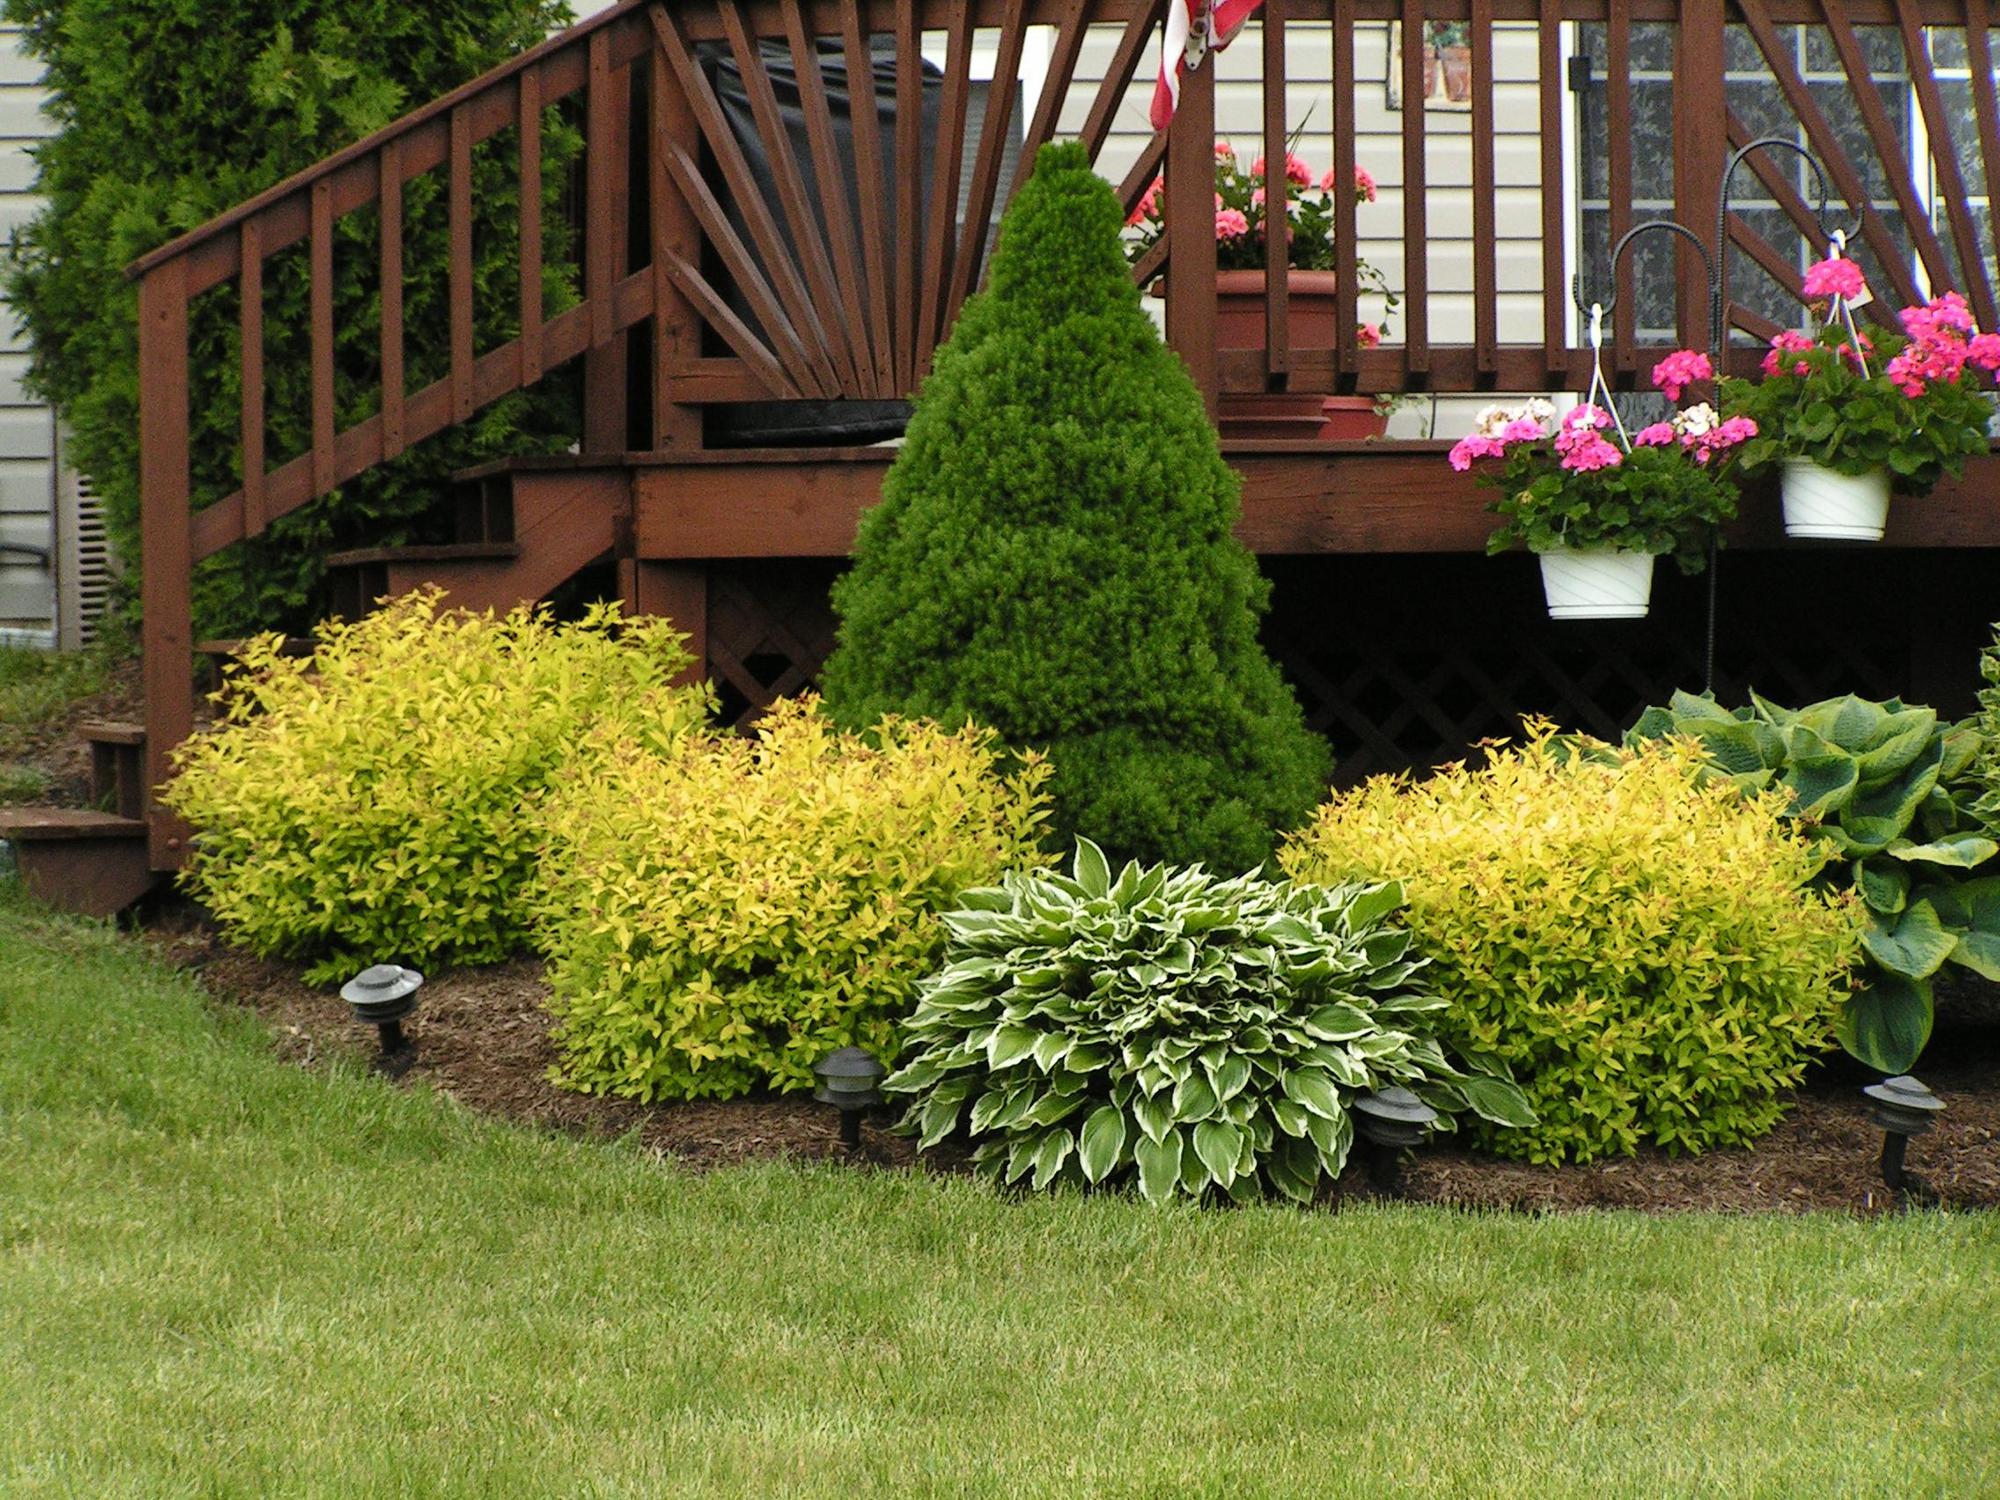 Красивая композиция из кустарников около лестницы дома